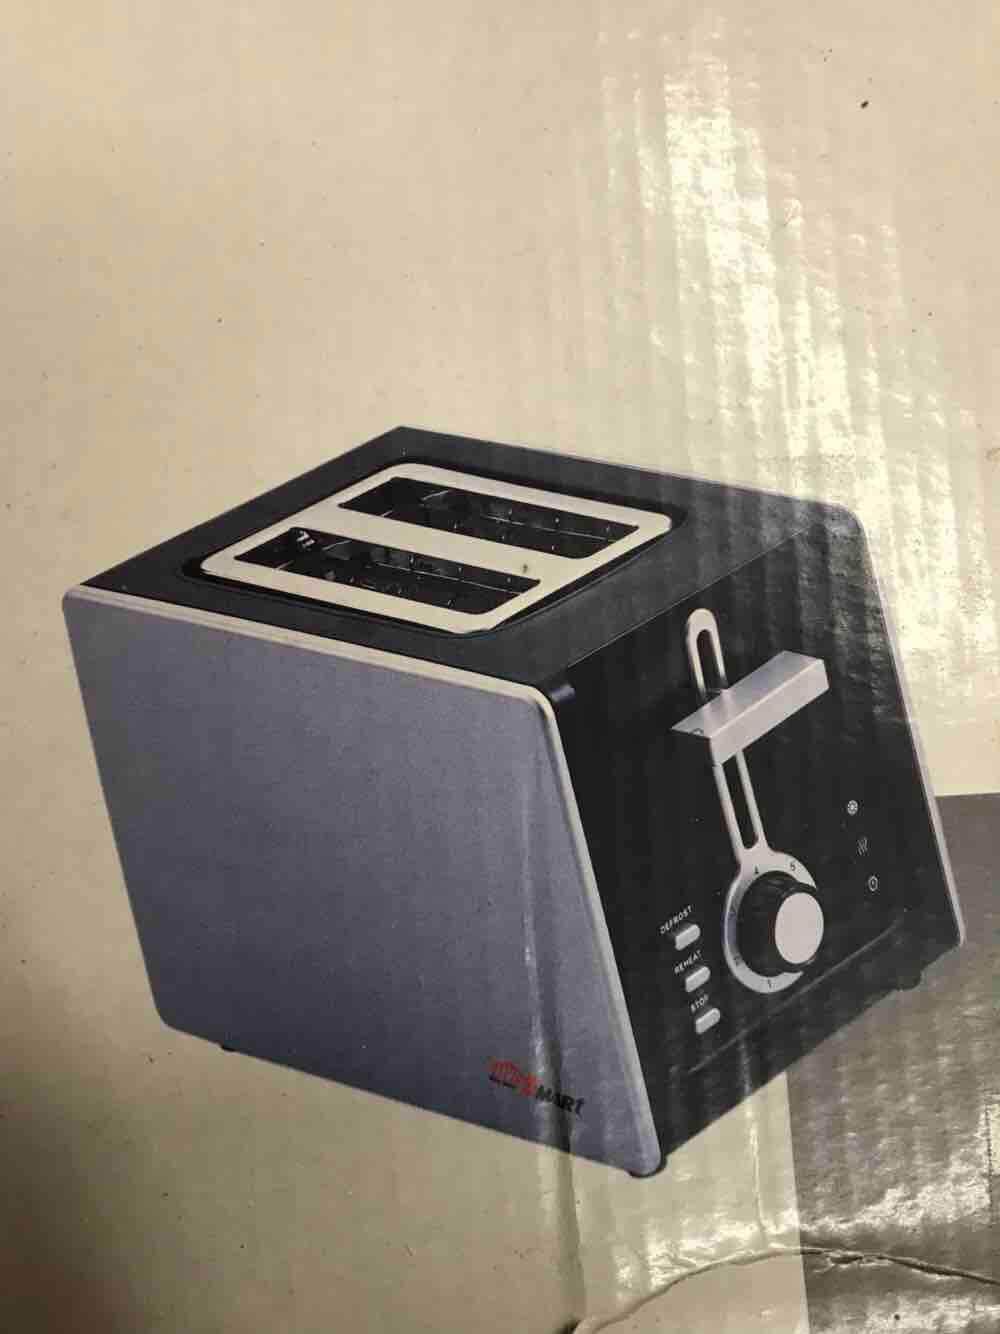 เครื่องปิ้งขนมปัง Hw Smart รุ่น Hw-S2518 By Taweephan.